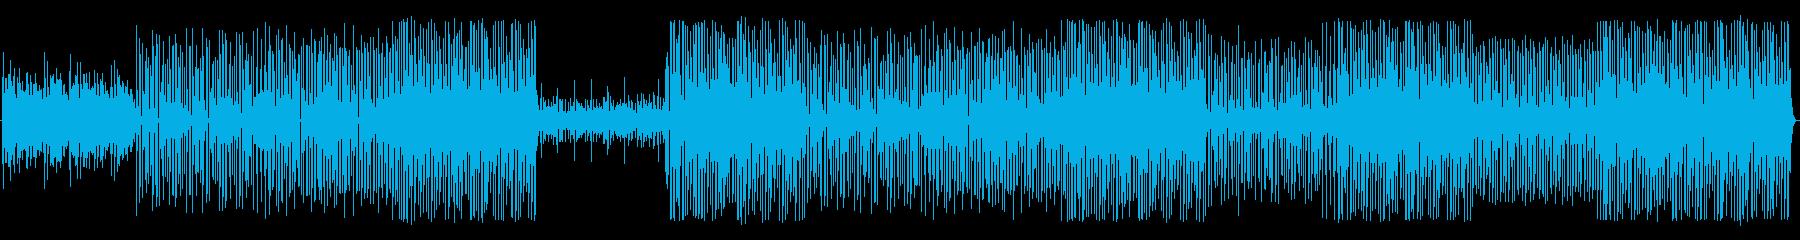 モダンでクールなこのヒップホップト...の再生済みの波形